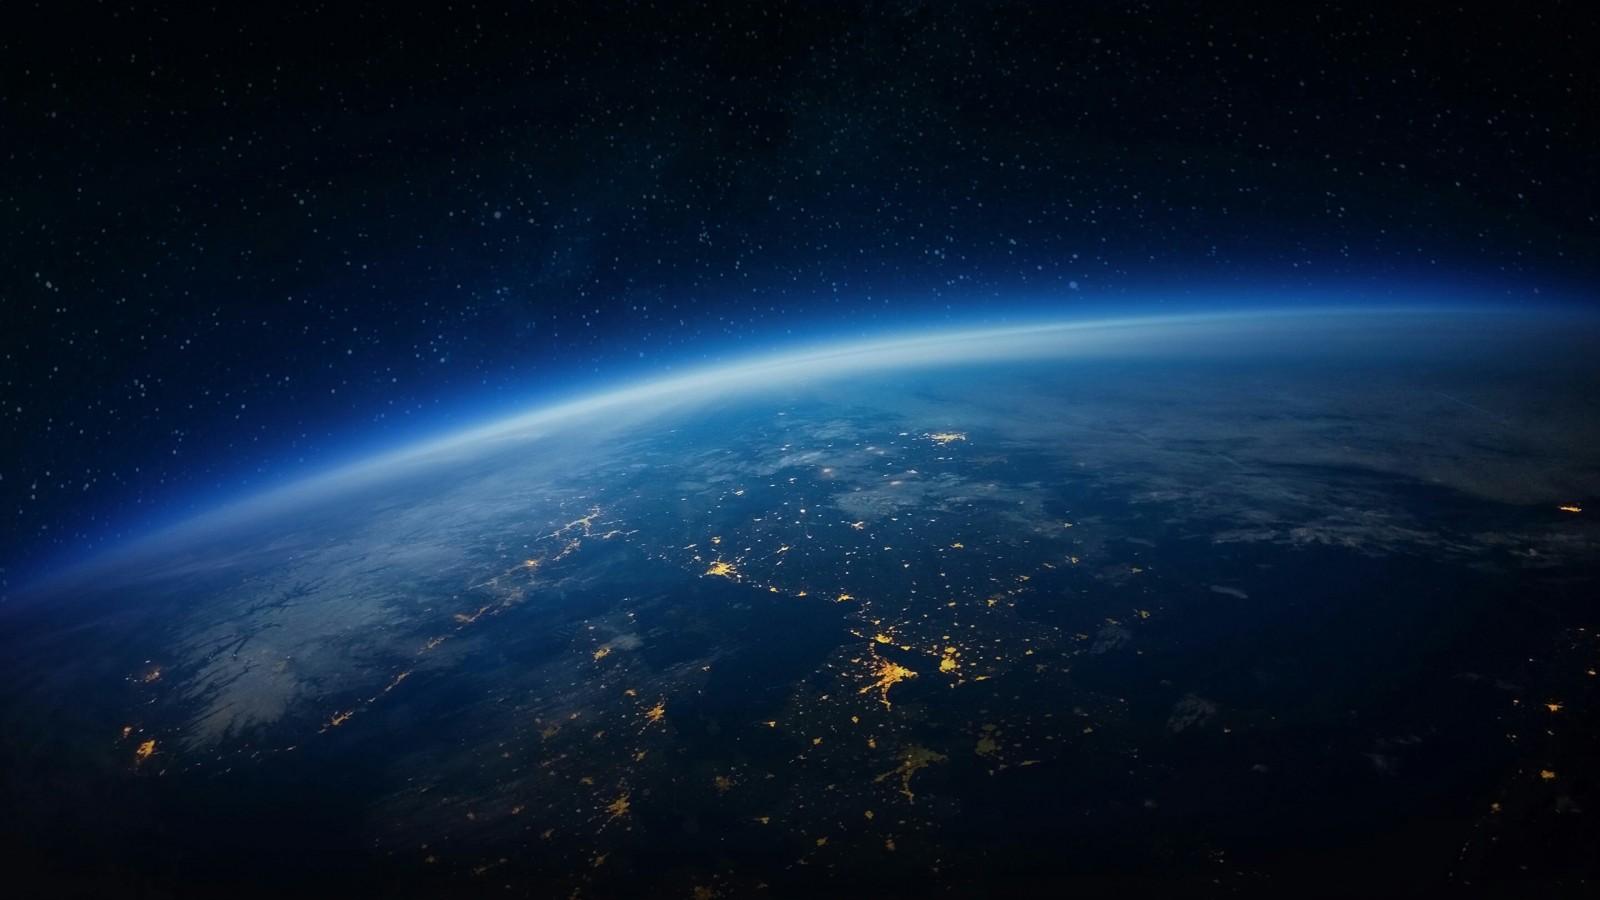 Space And Earth Nasa HD Desktop Wallpaper Widescreen High